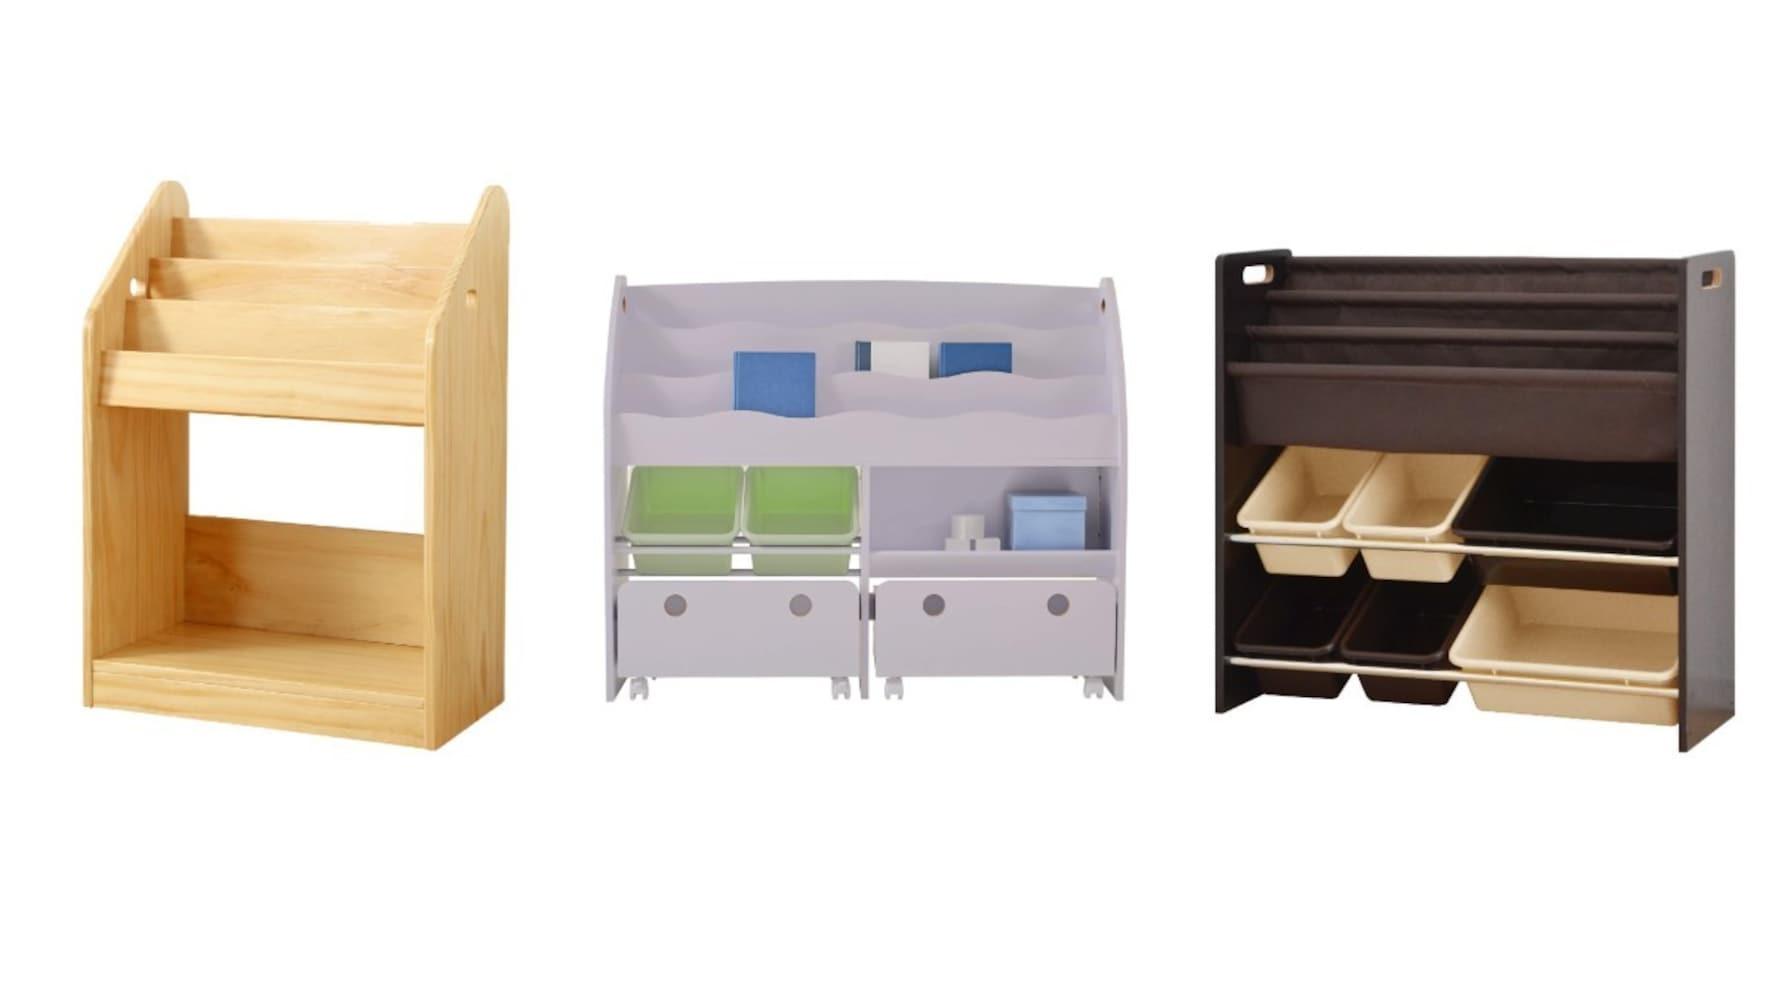 収納 小学校入学前はおもちゃ箱付き、入学後はランドセルが置ける天板付き